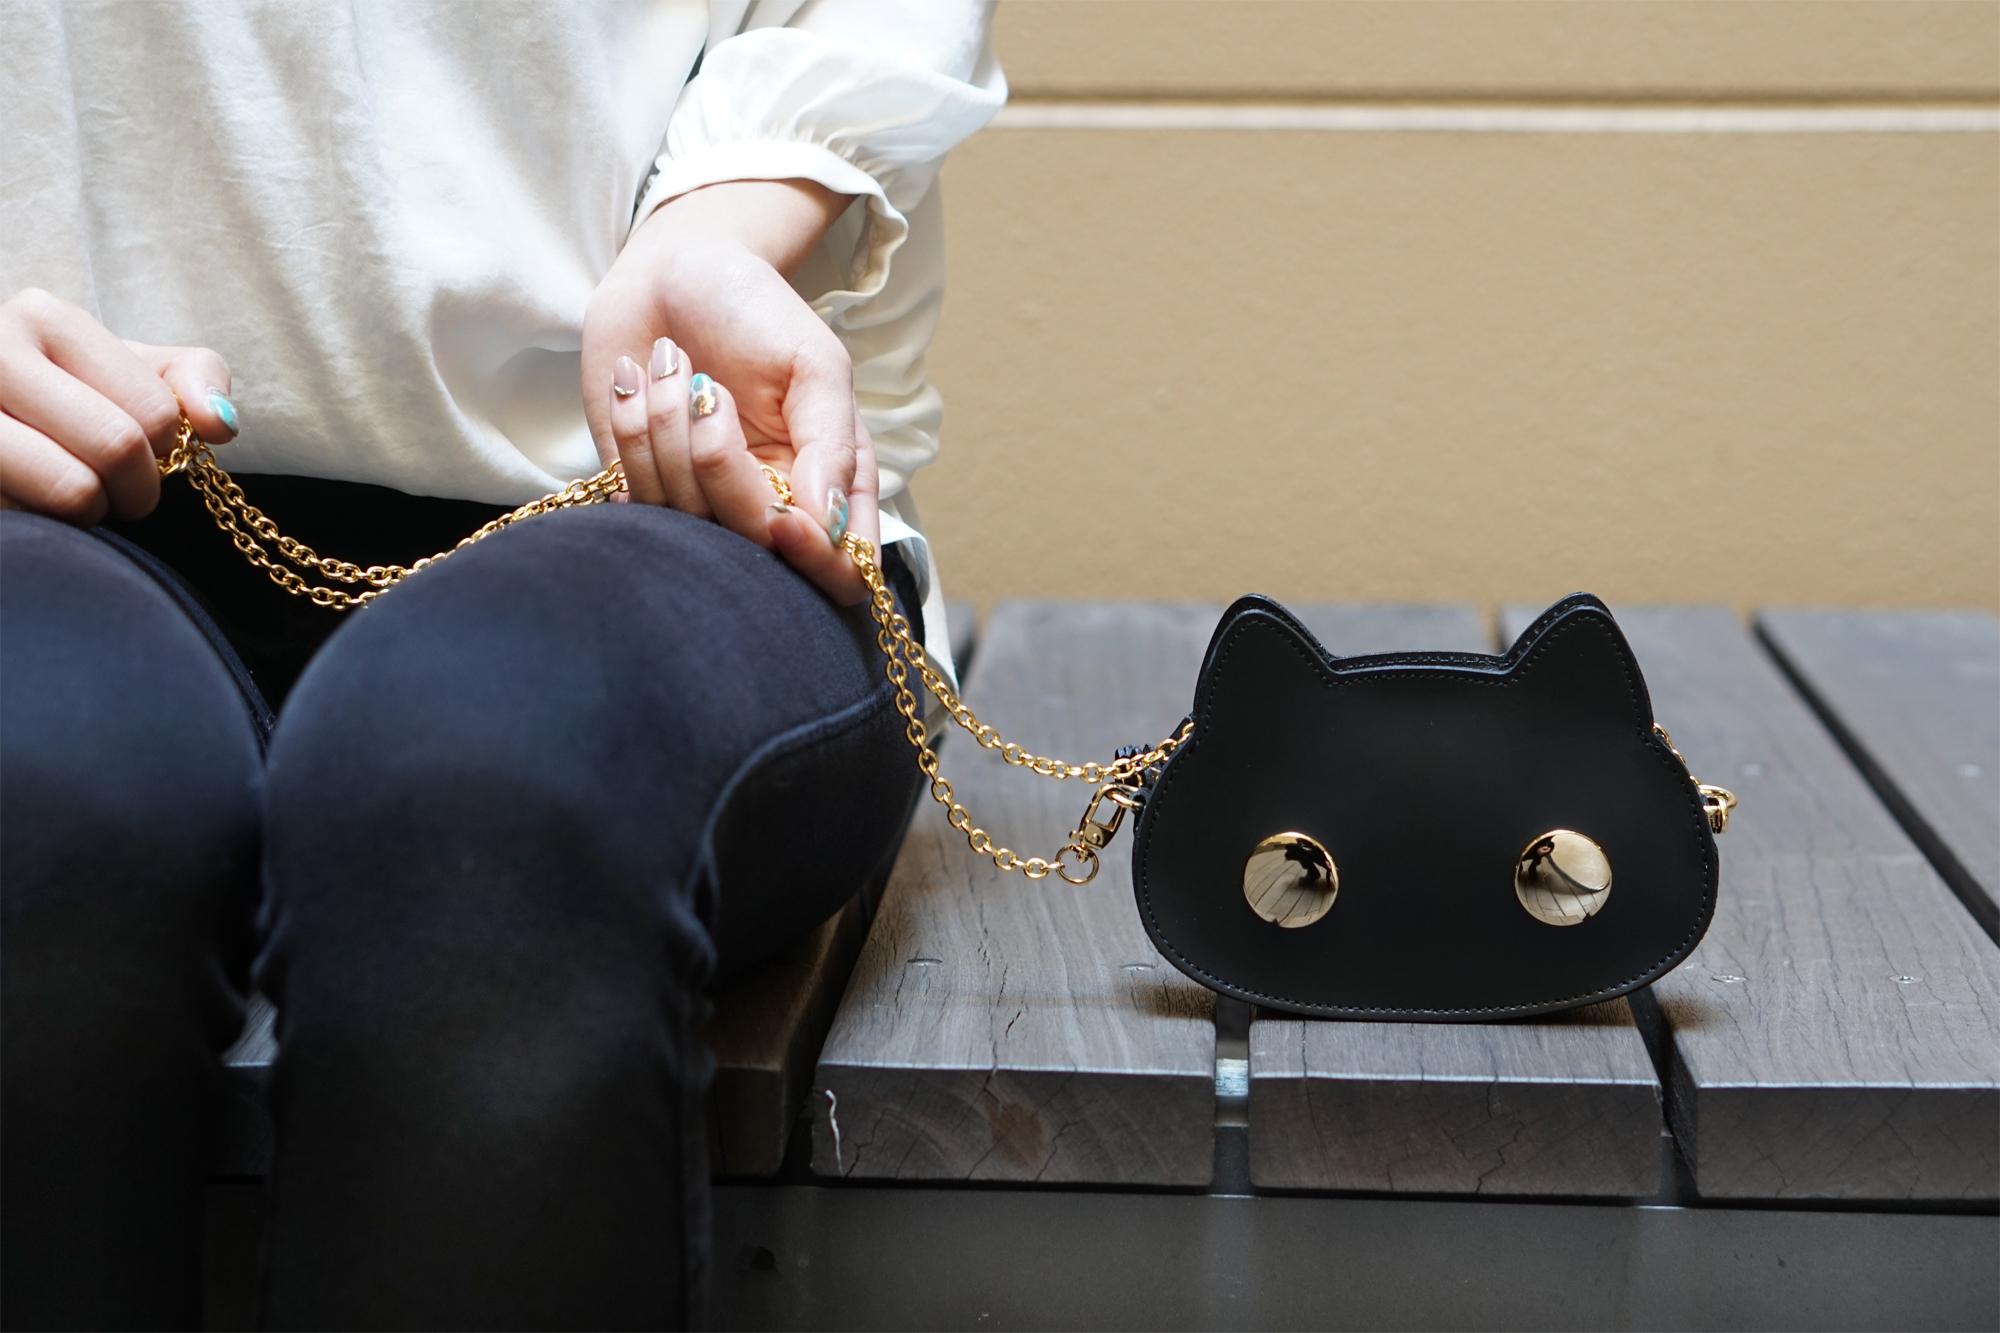 猫連合マイクロバッグ(牛革製)